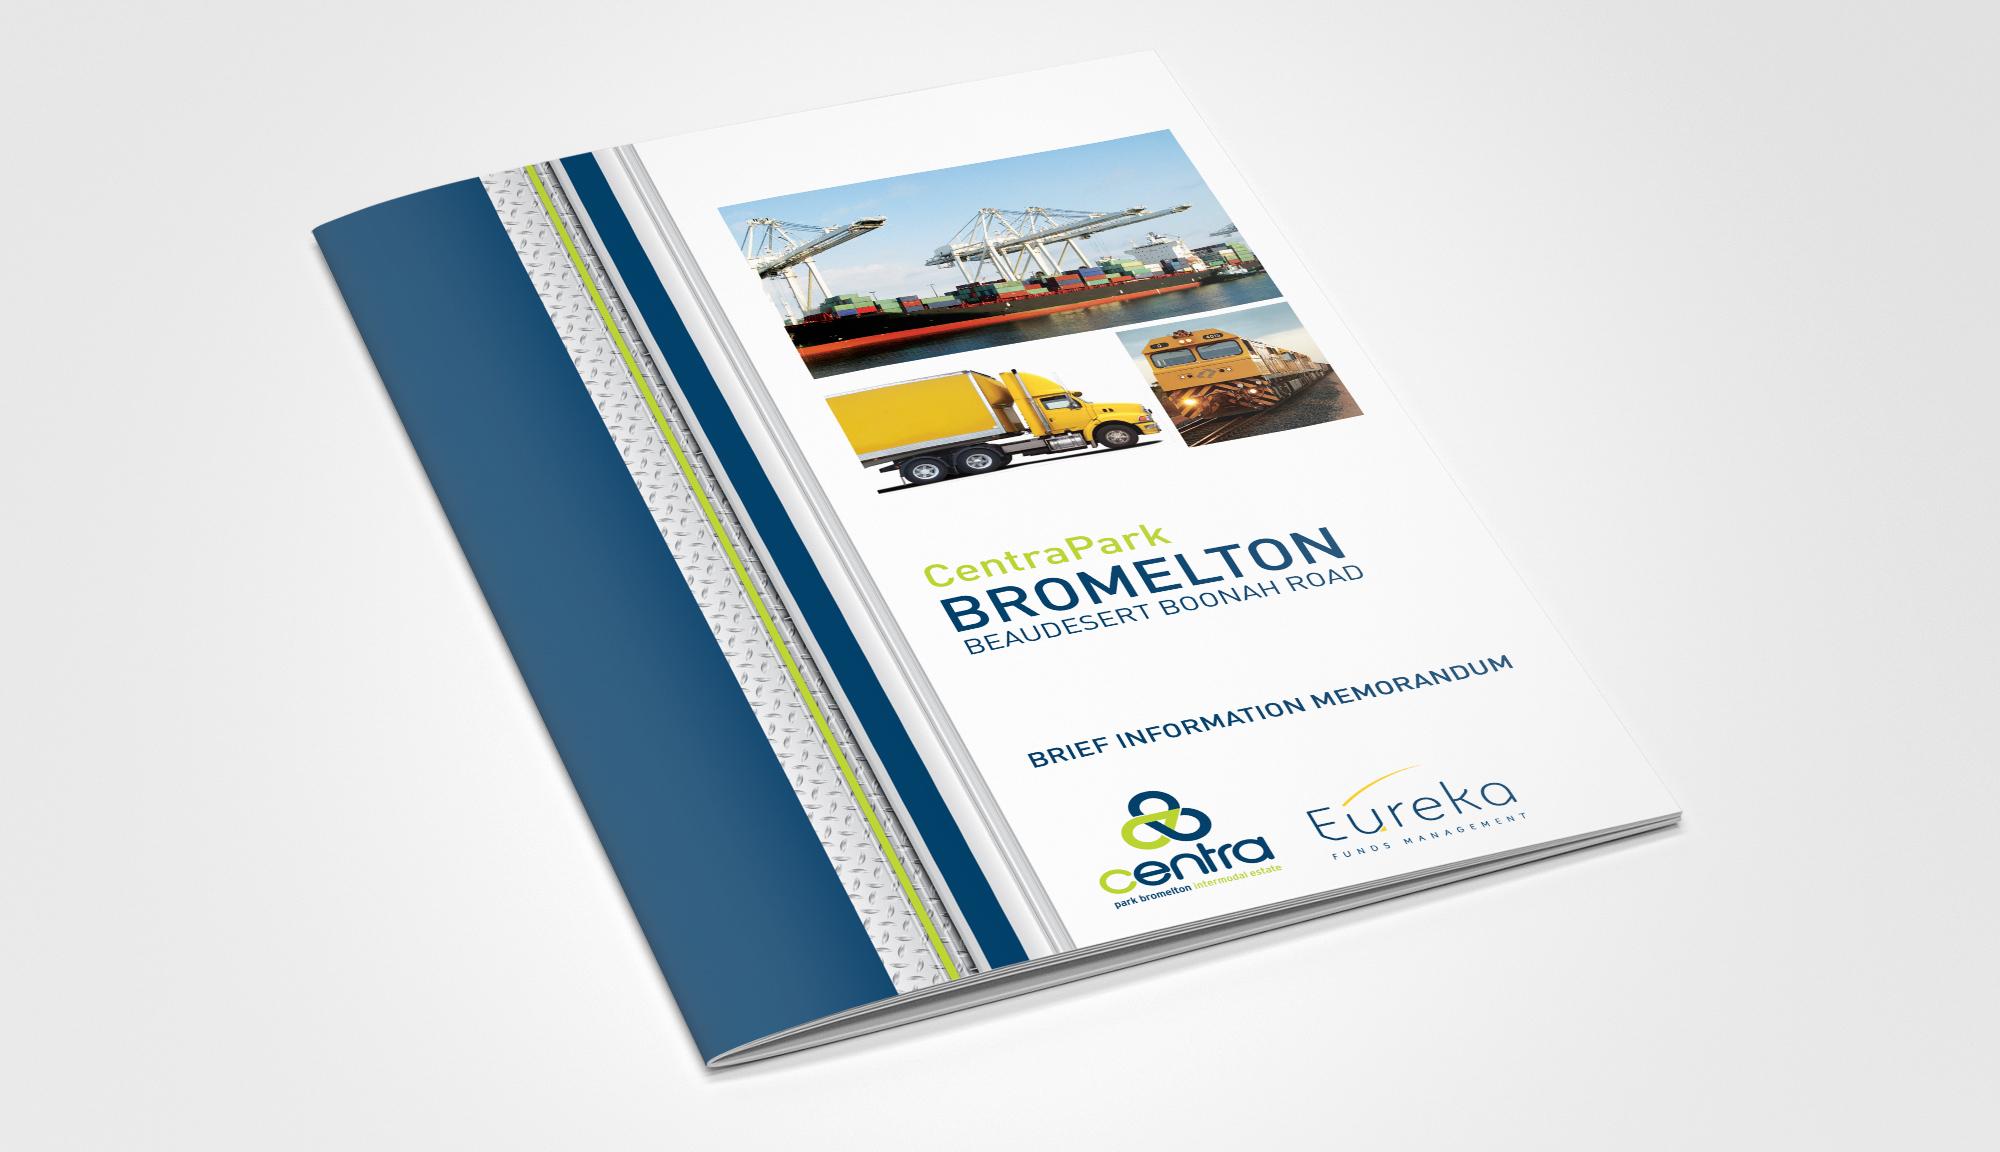 Honey Rogue Design Eureka Funds Managament Bromleton